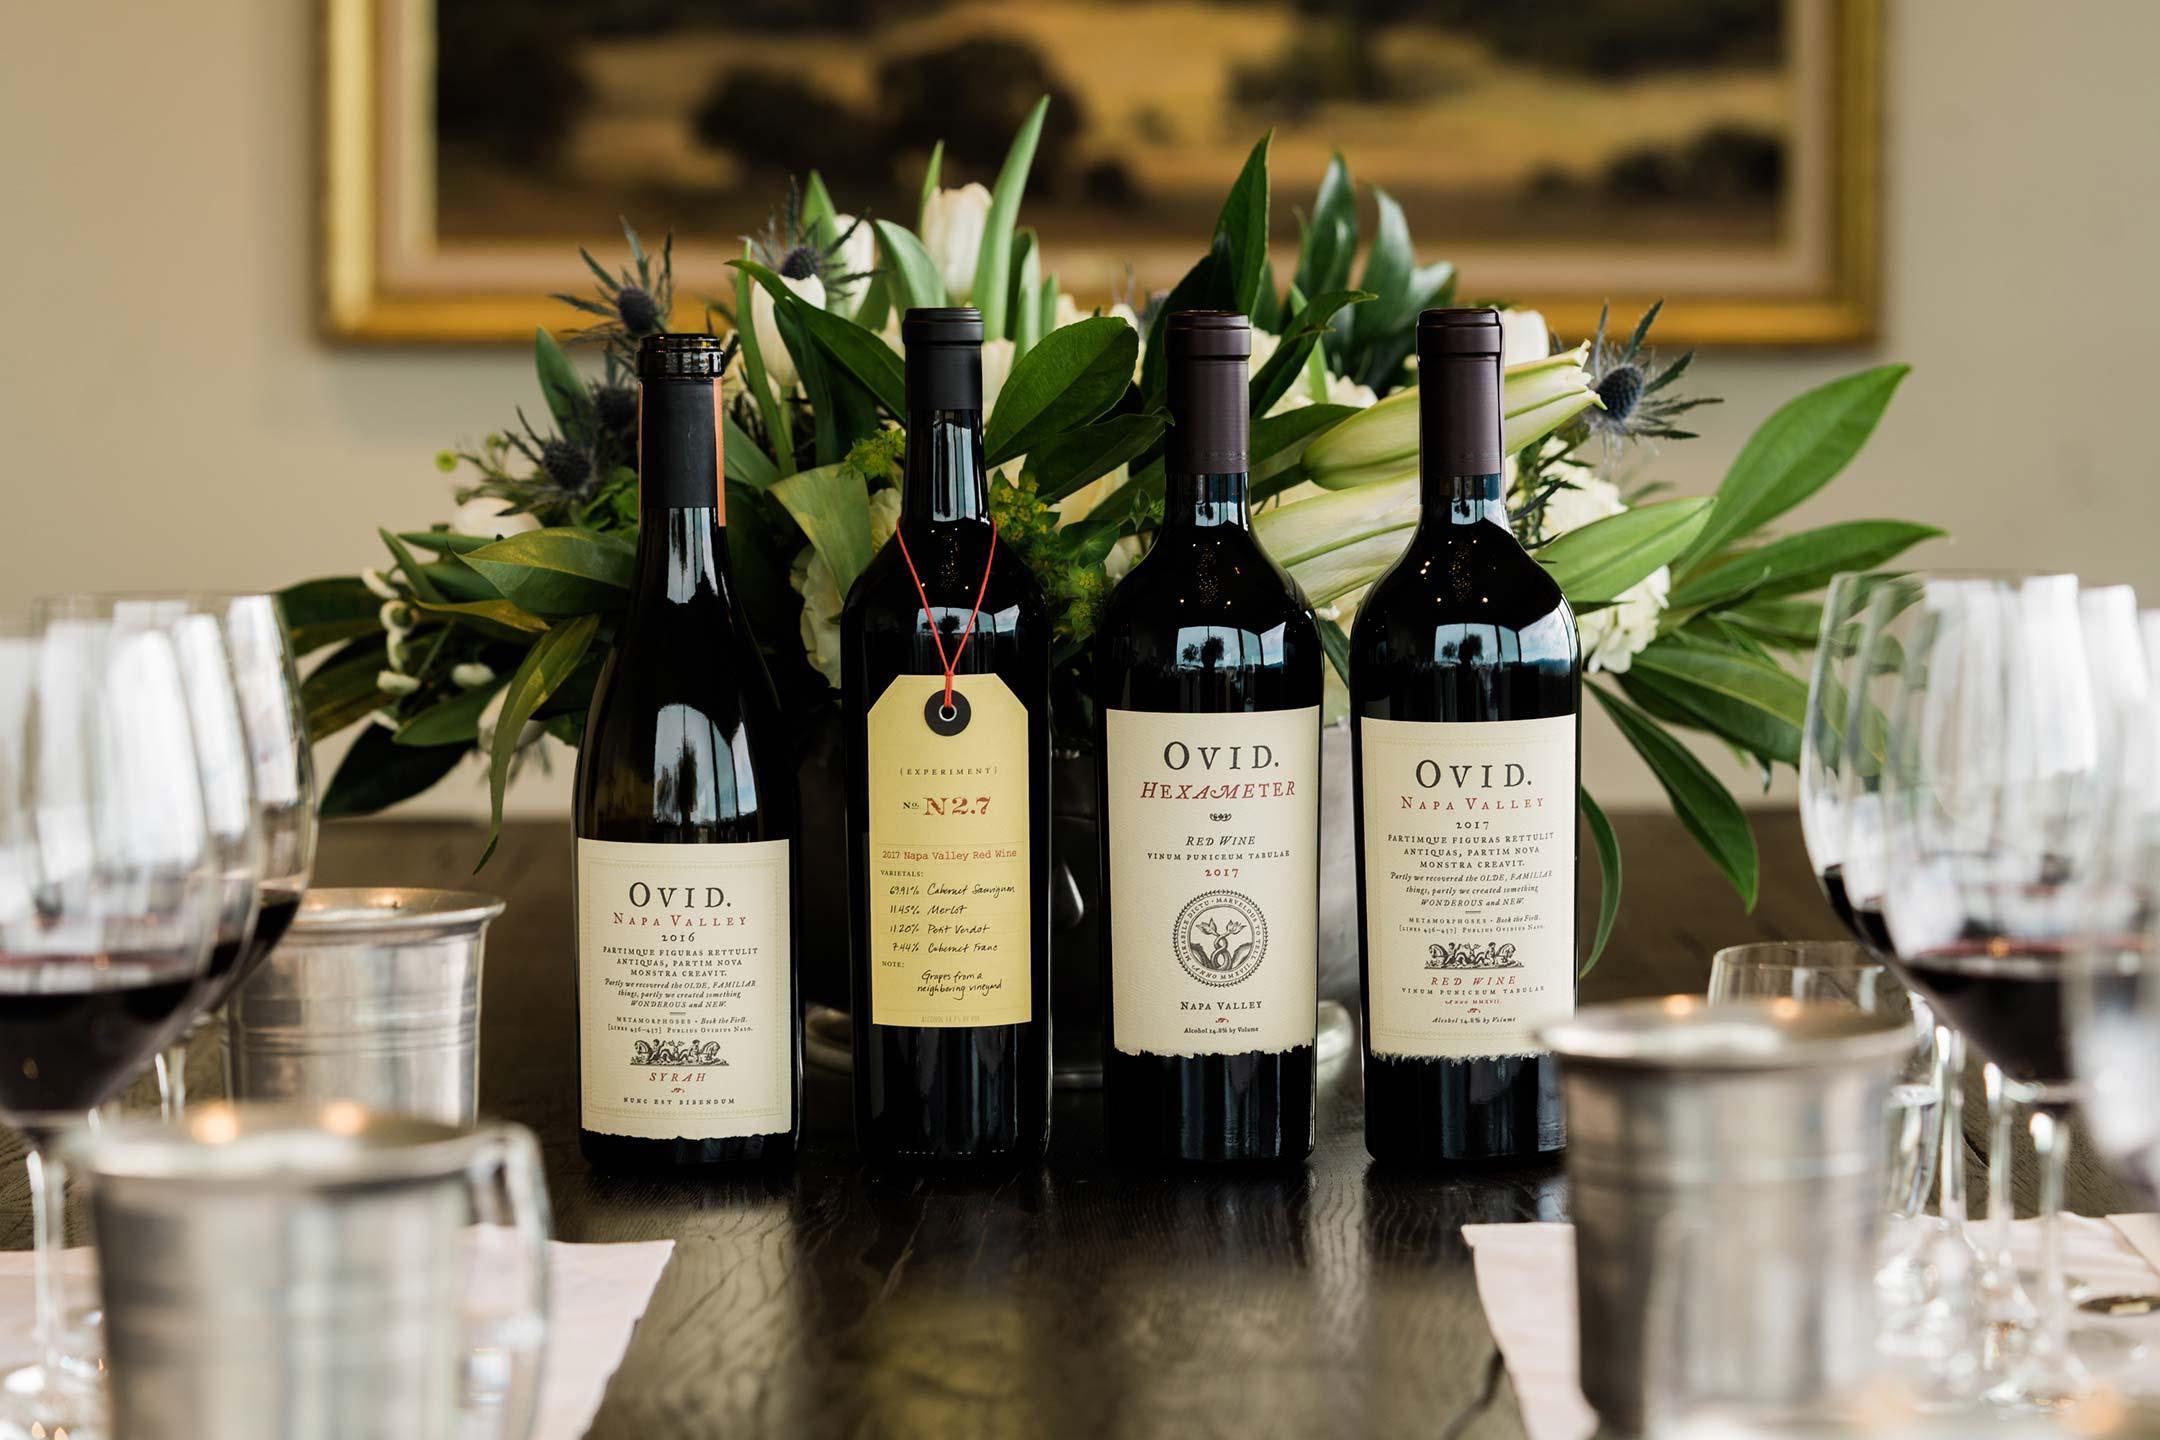 OVID wine tasting